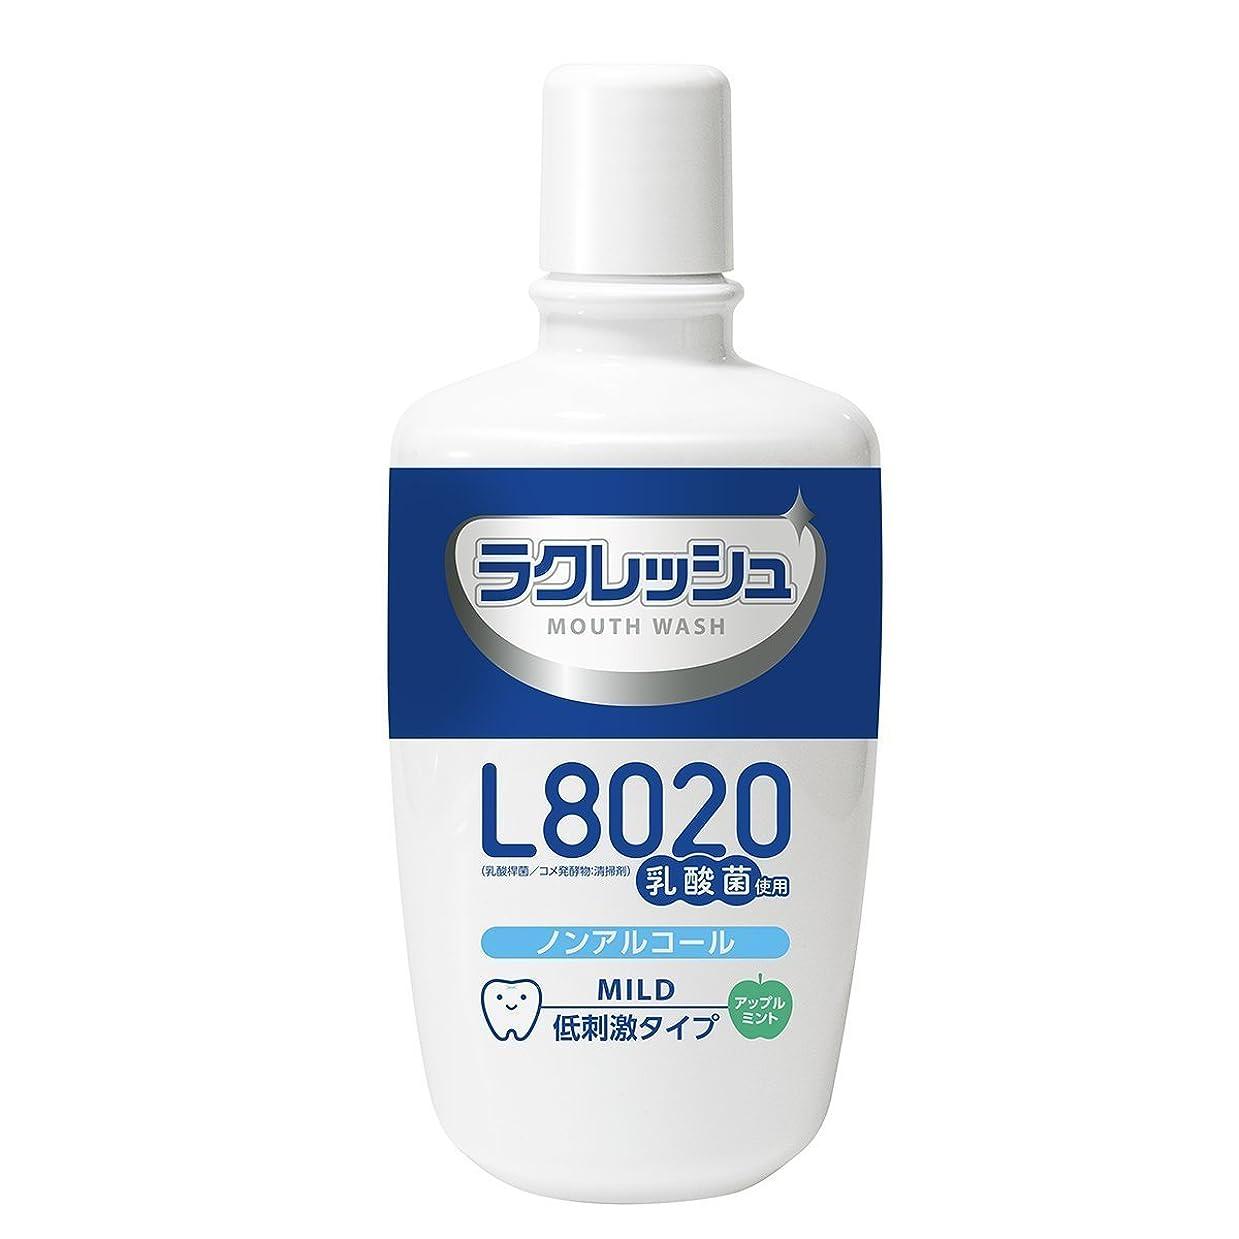 スポーツの試合を担当している人選出する振るラクレッシュ L8020菌使用 マウスウォッシュ ノンアルコールタイプ 300mL×15個セット